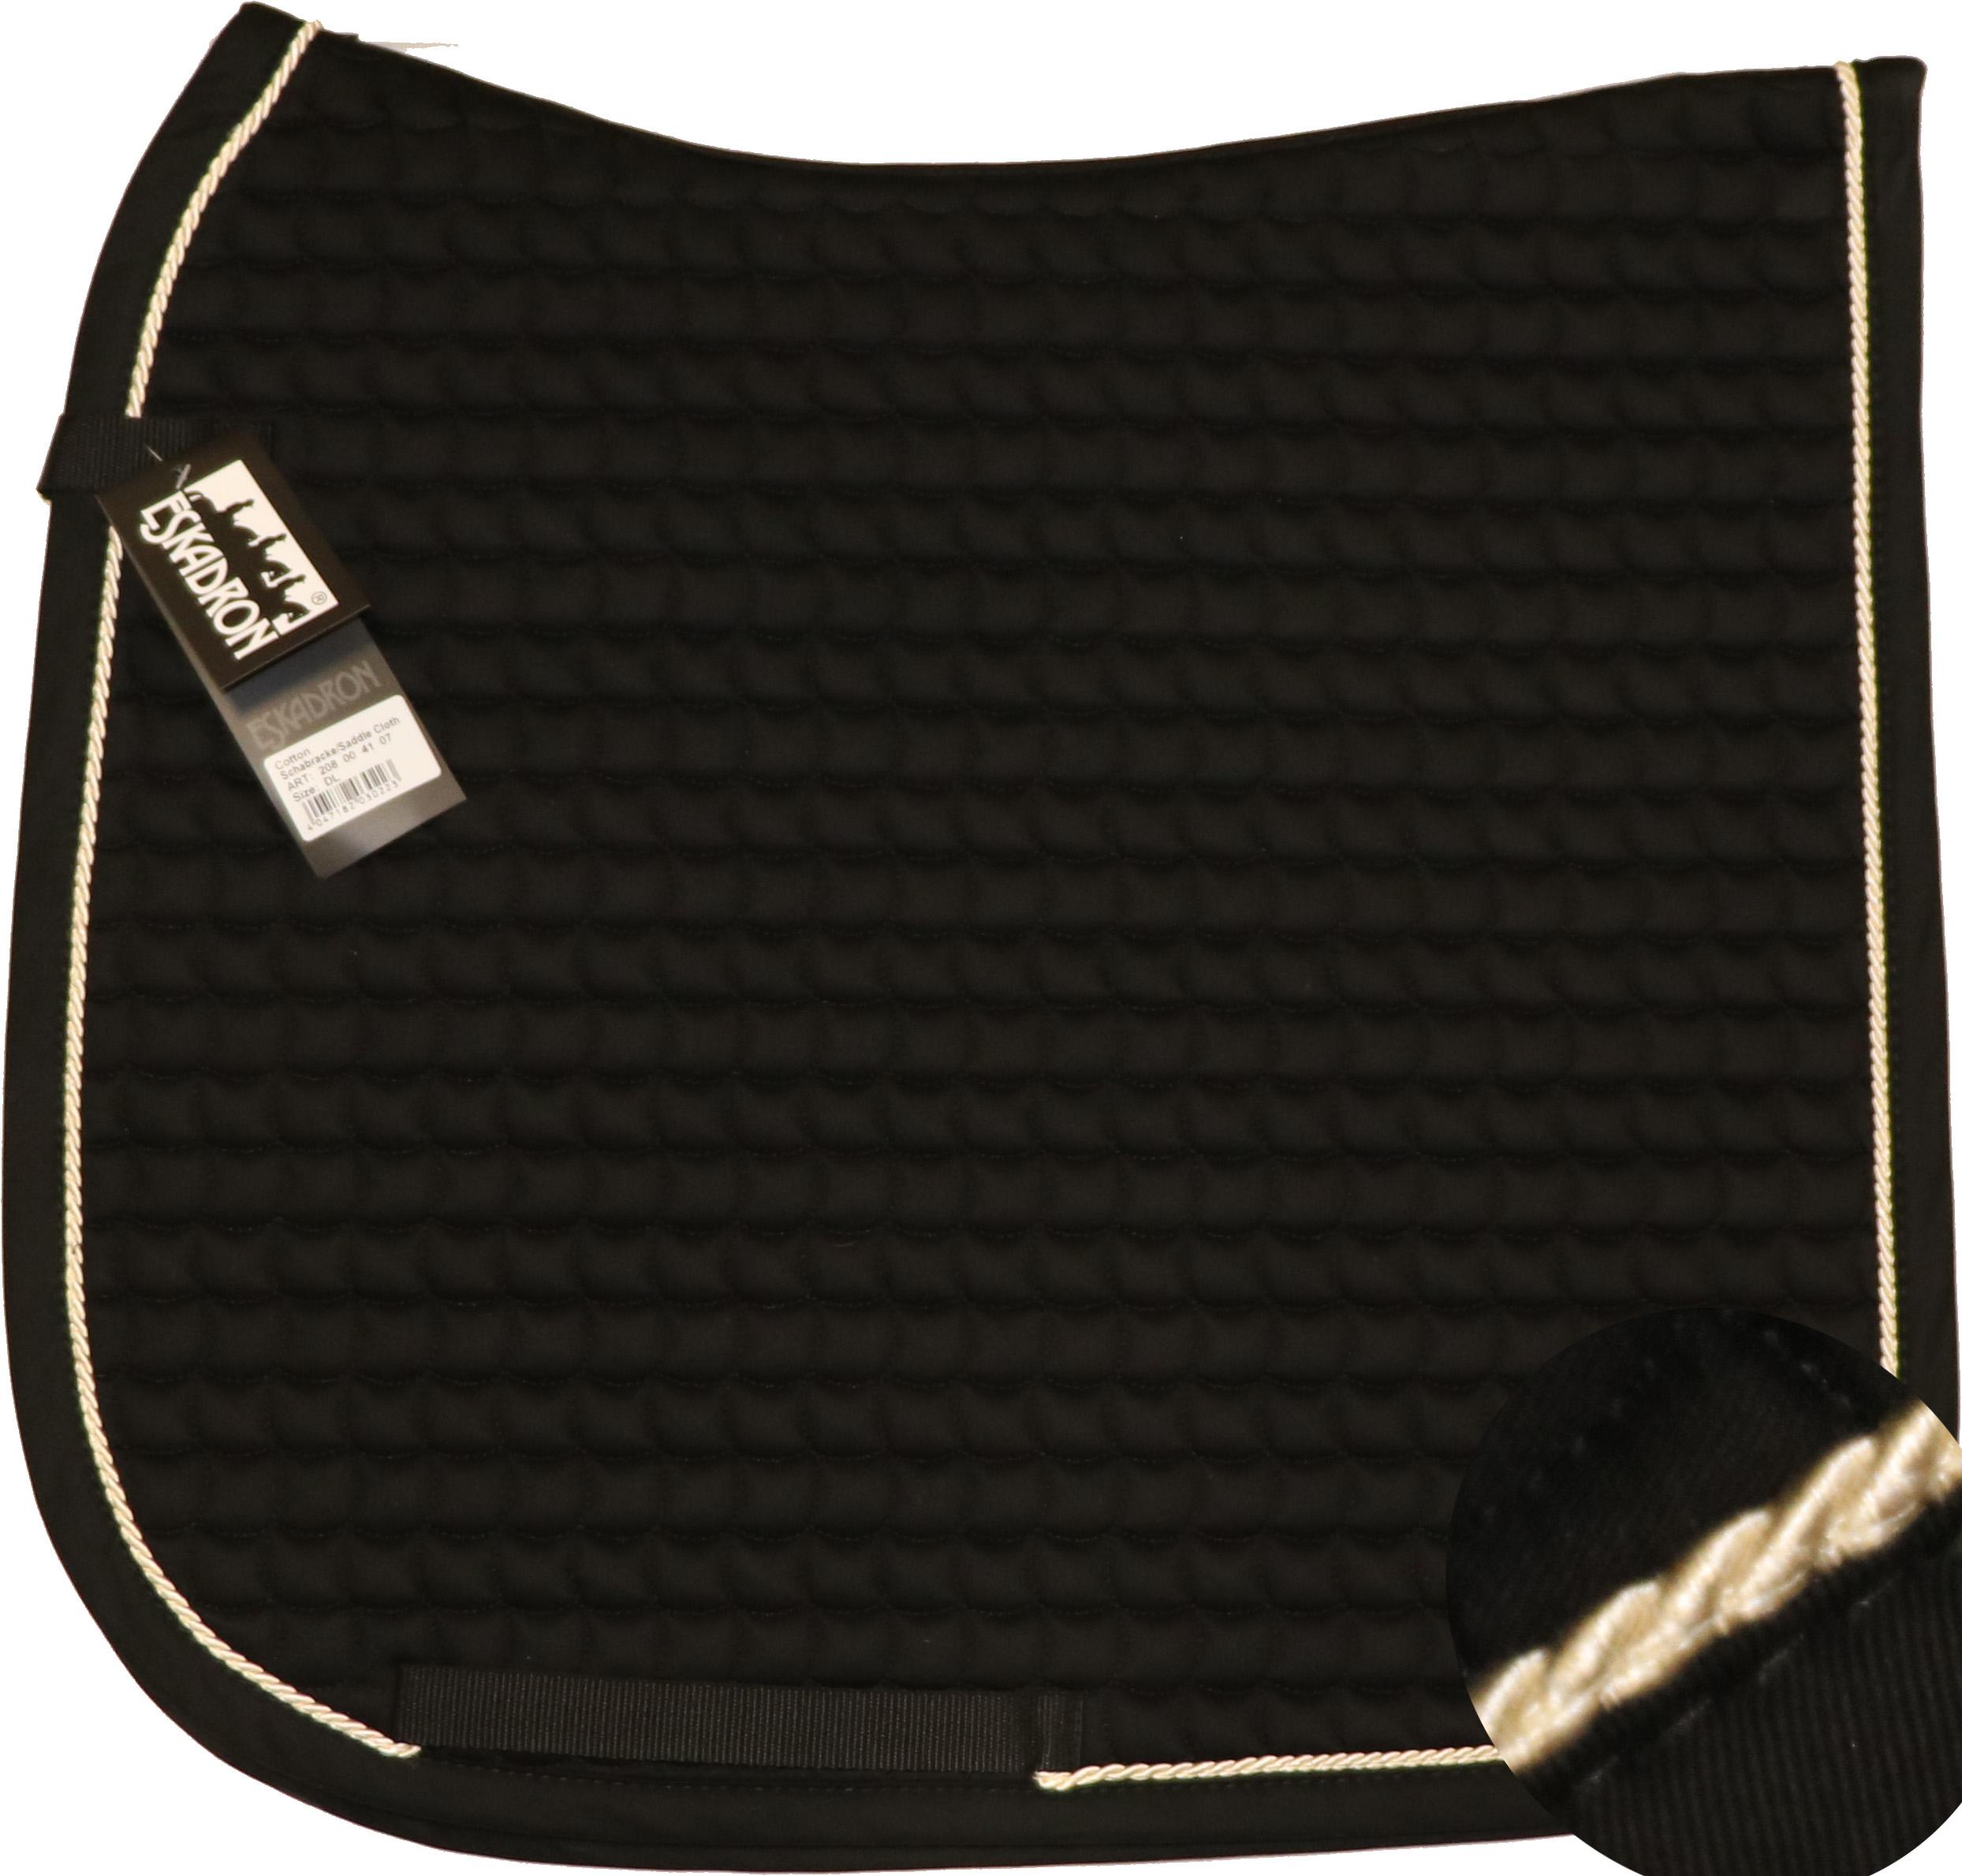 ESKADRON Cotton Schabracke black, einer Kordel in creme